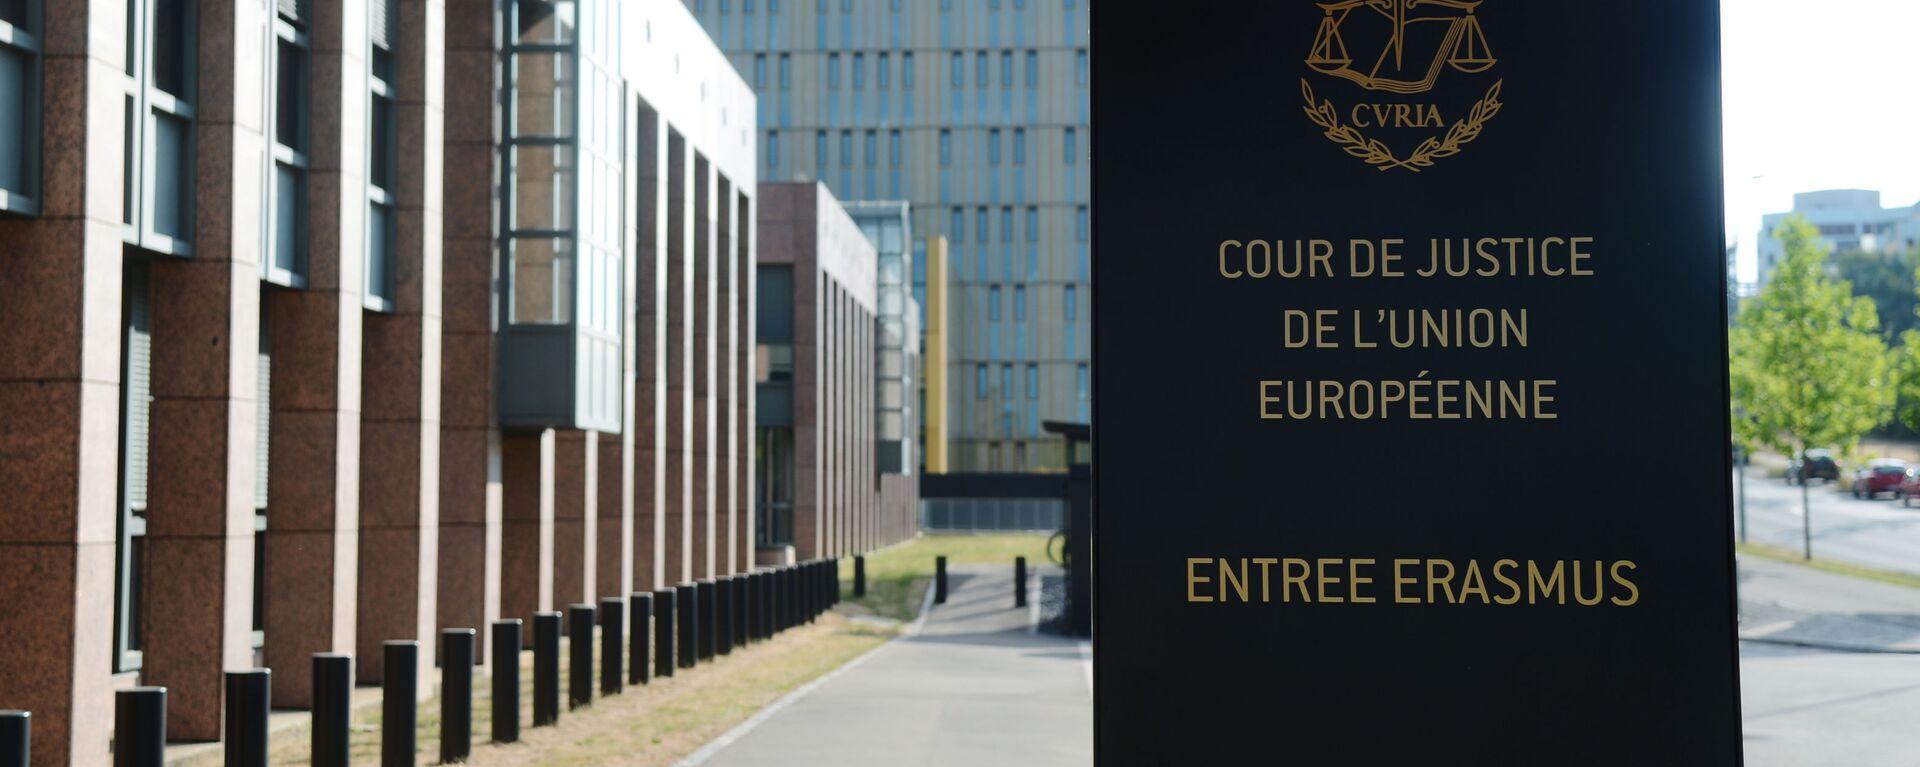 Trybunał Sprawiedliwości Unii Europejskiej (TSUE) - Sputnik Polska, 1920, 23.09.2021